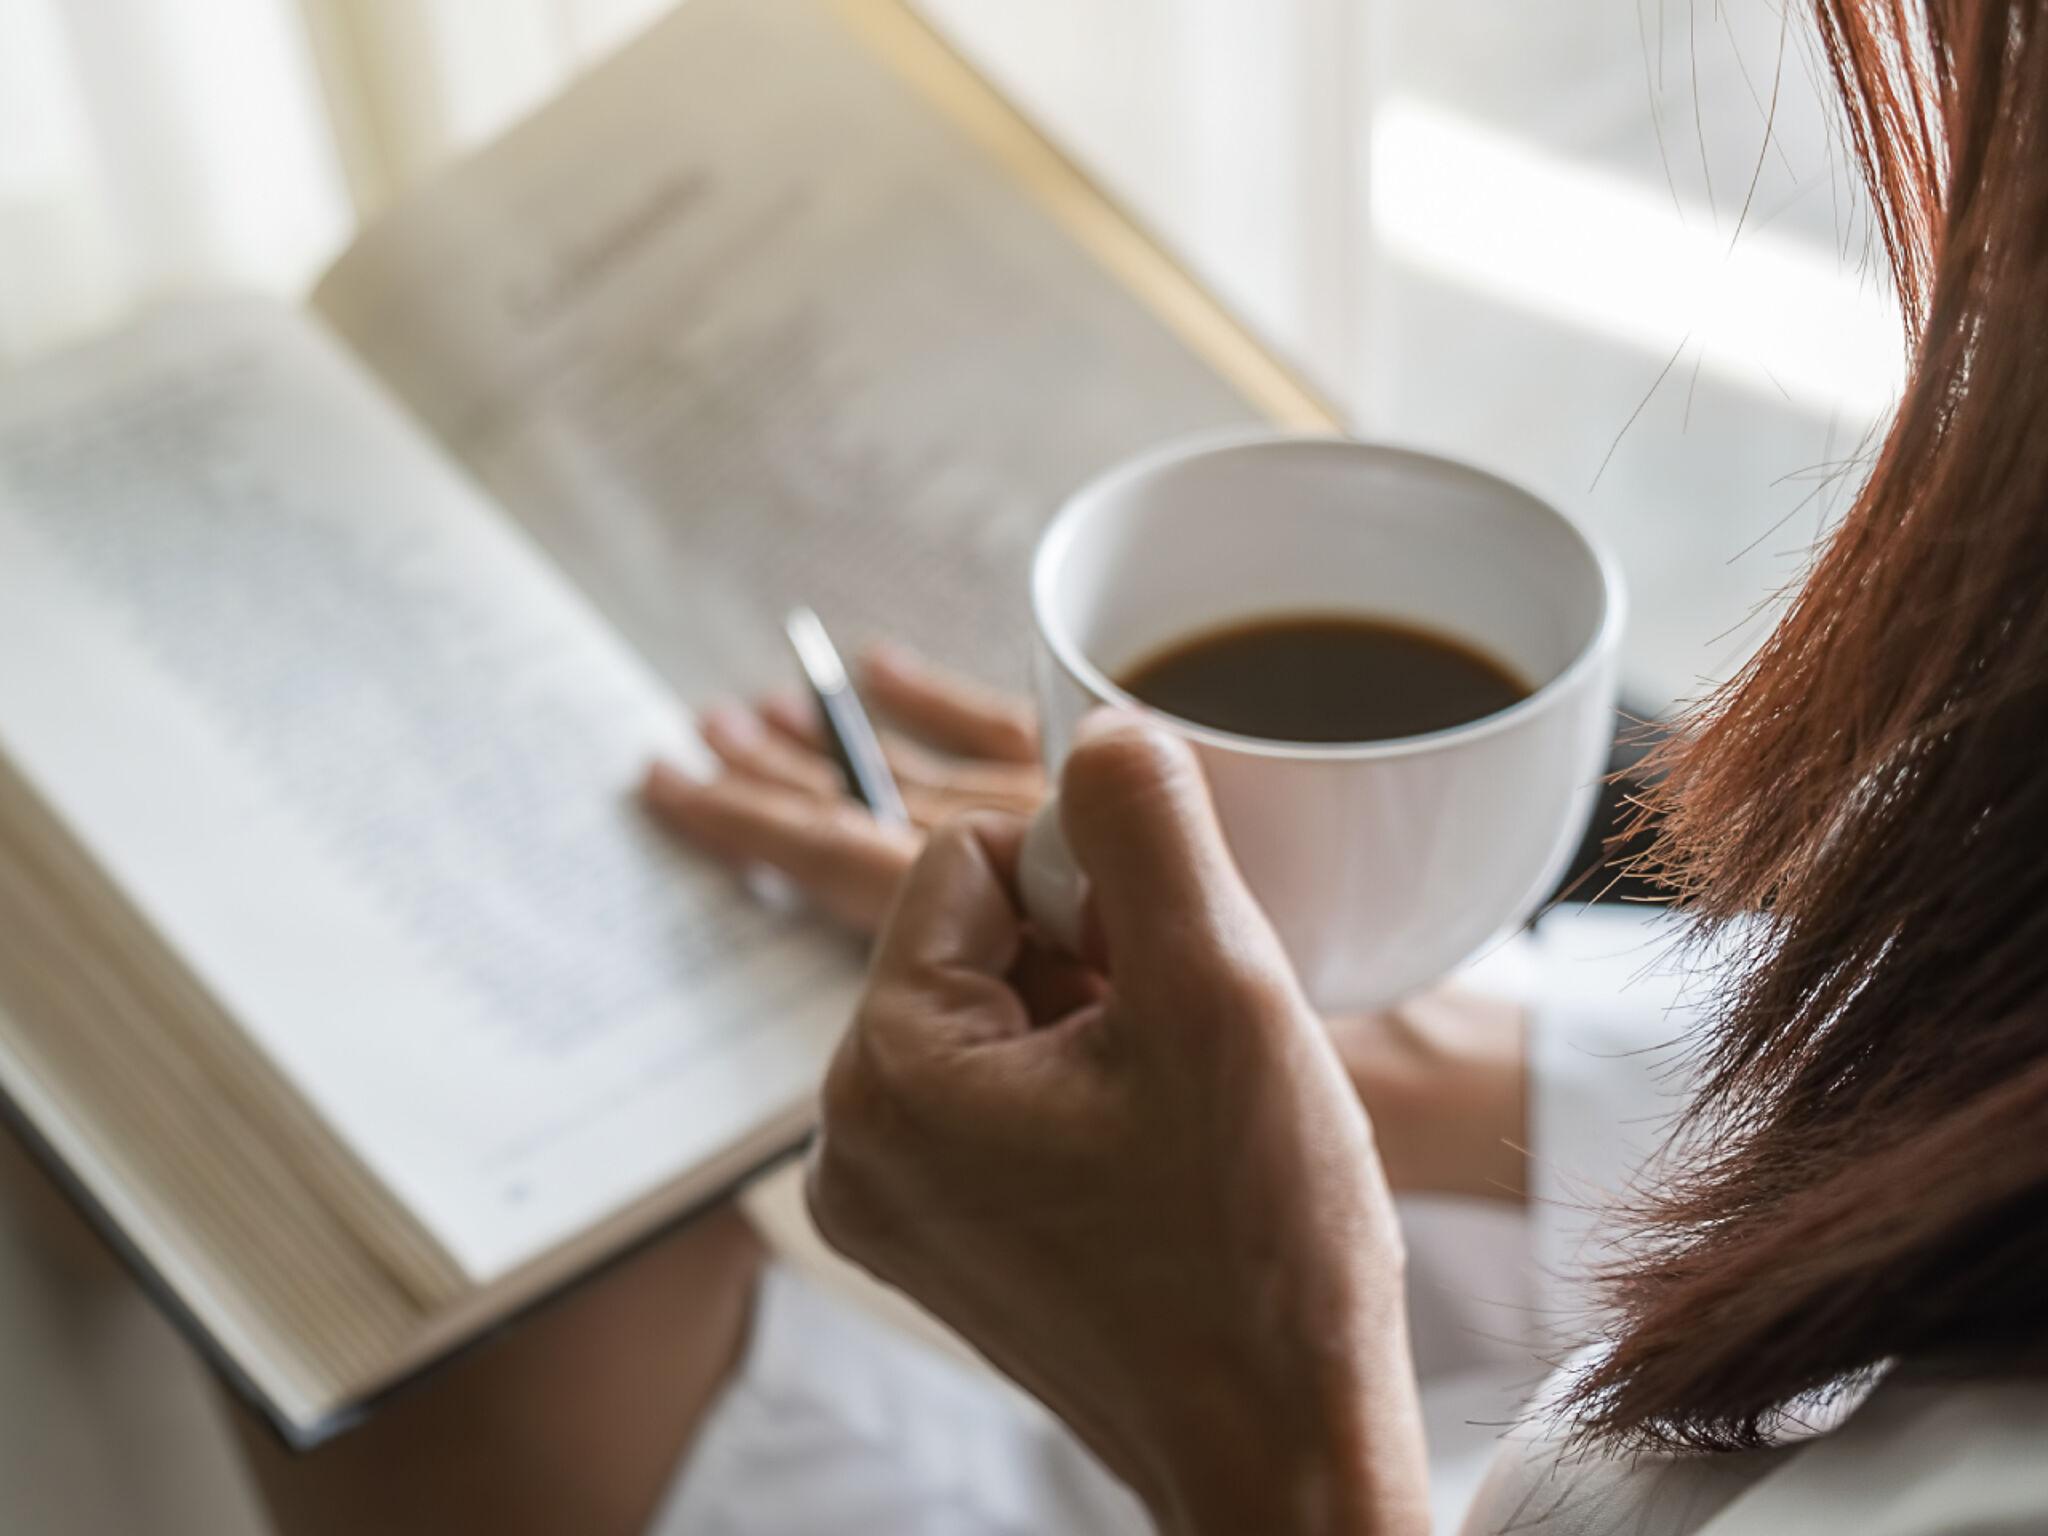 コーヒーを飲みながら読書をしている女性の画像